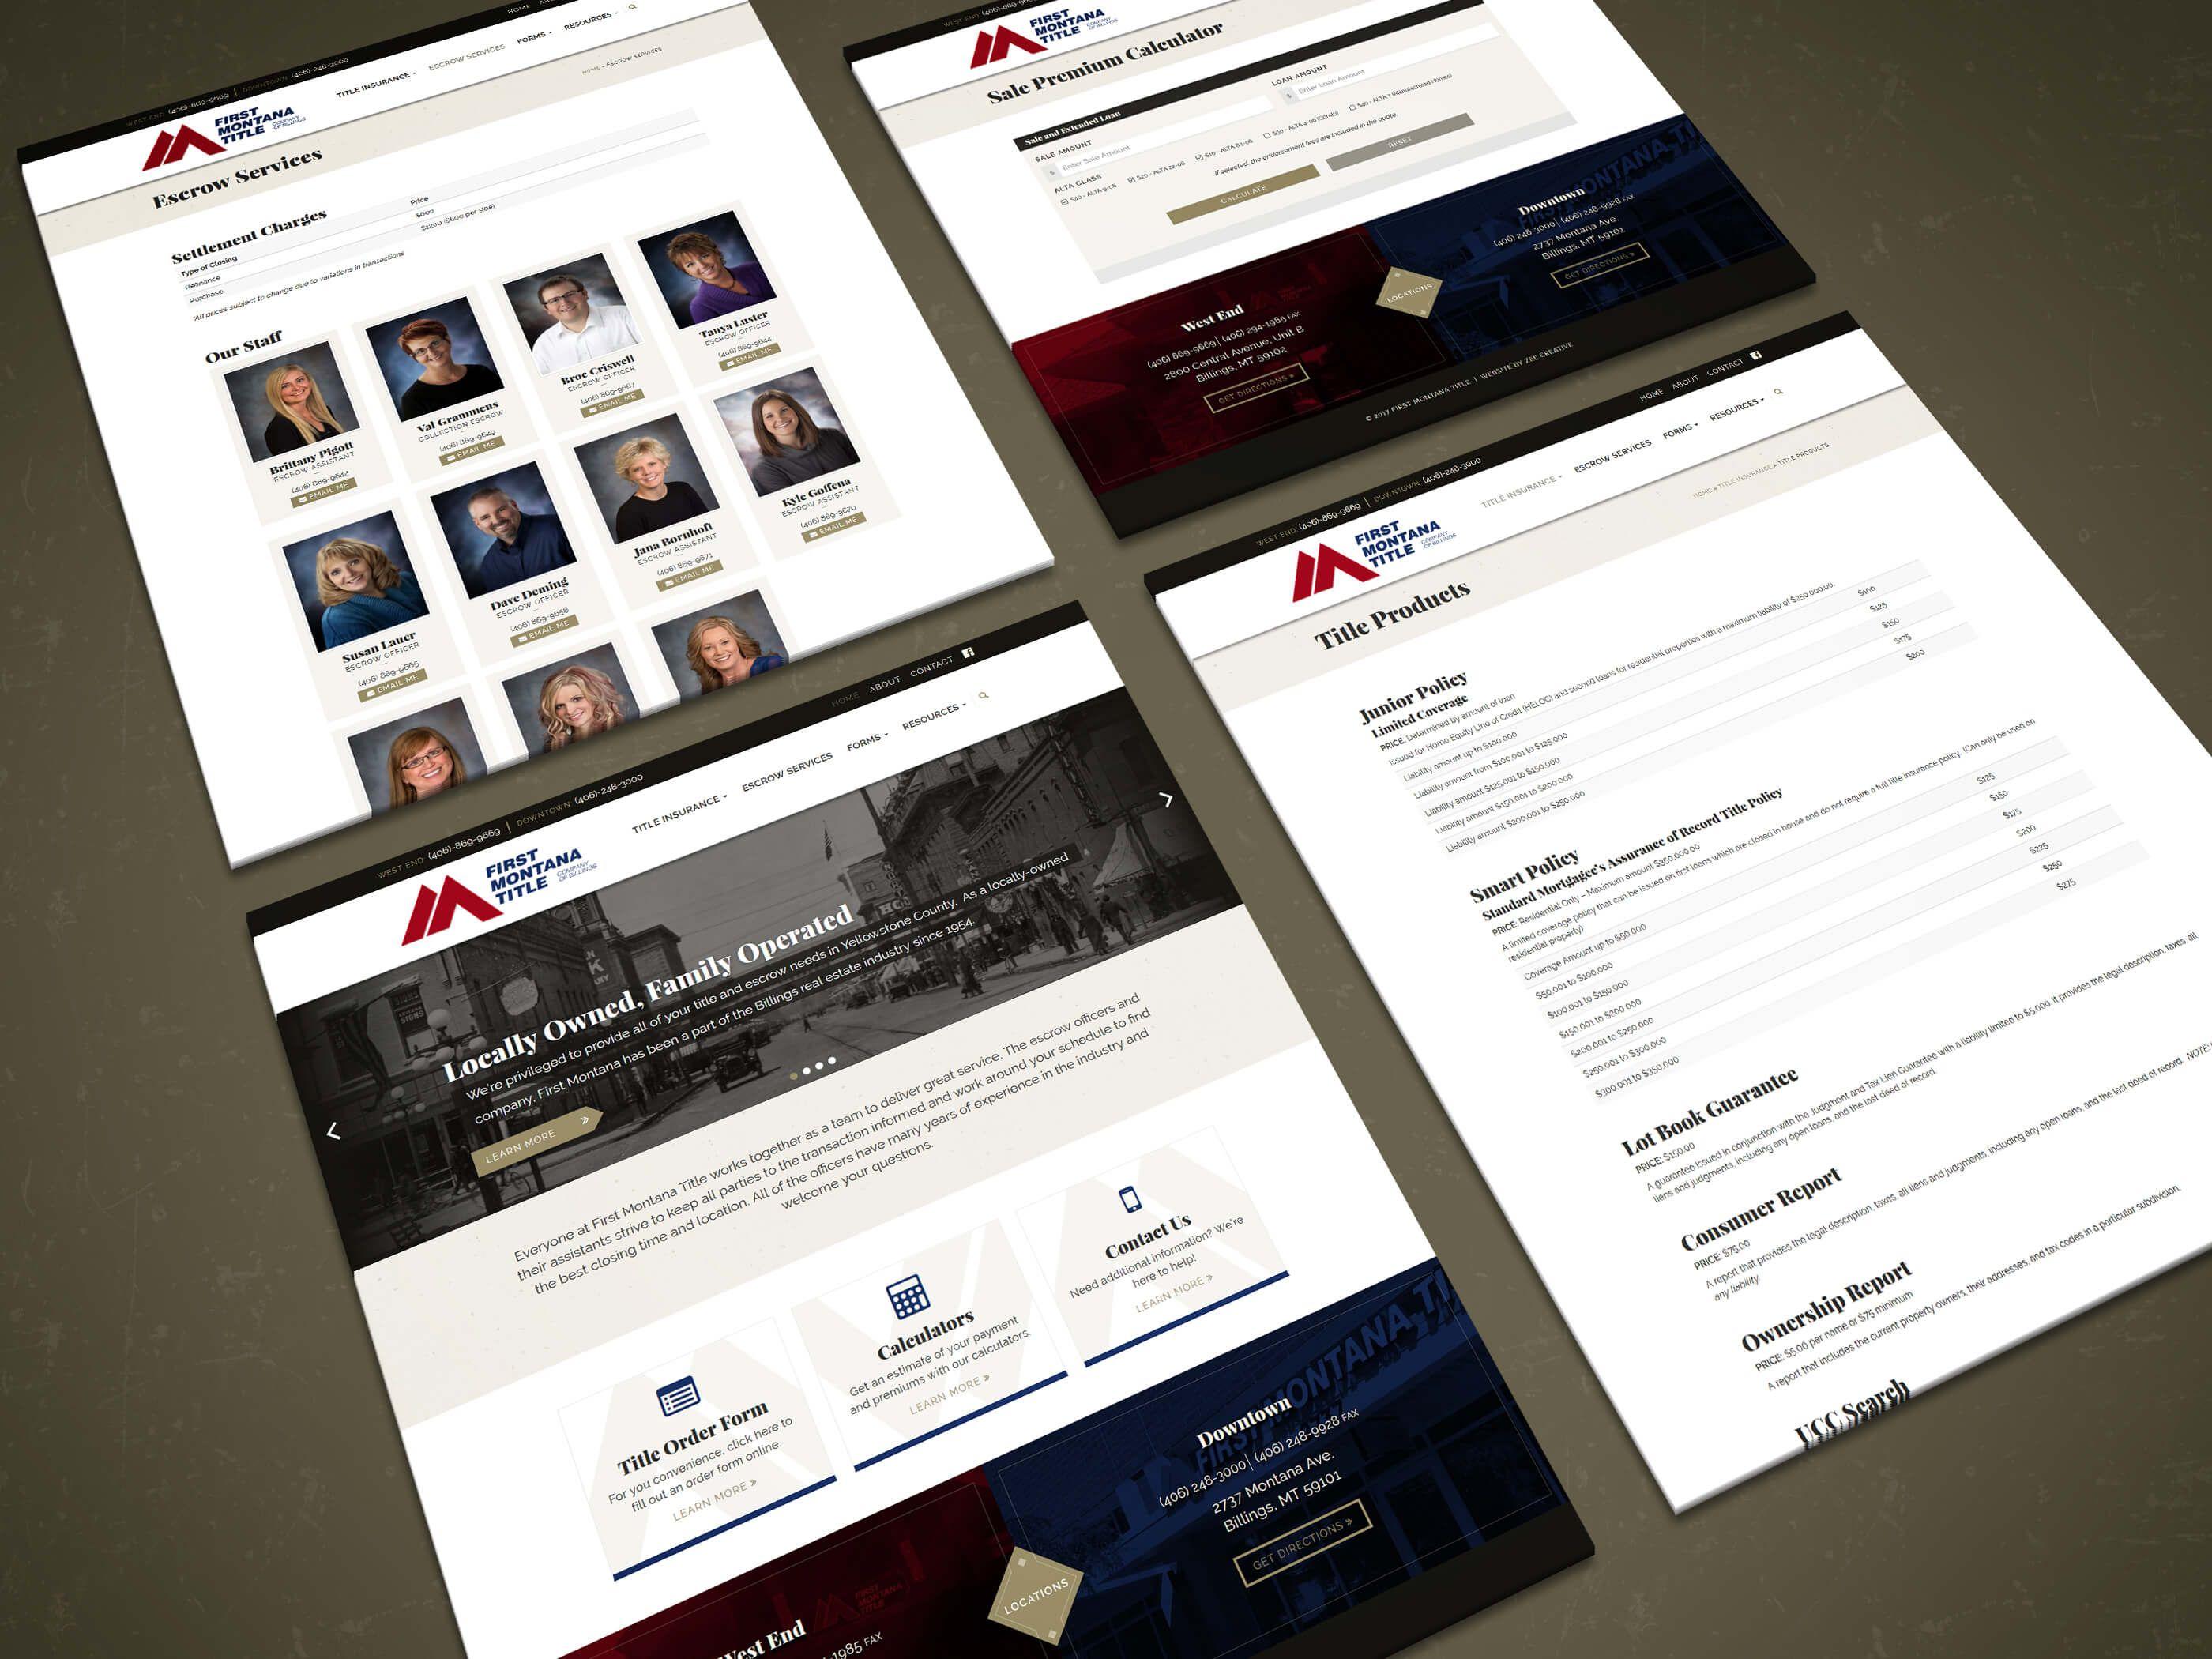 First Montana Title Lawyer Website Design Wordpress Website Design Creative Web Design